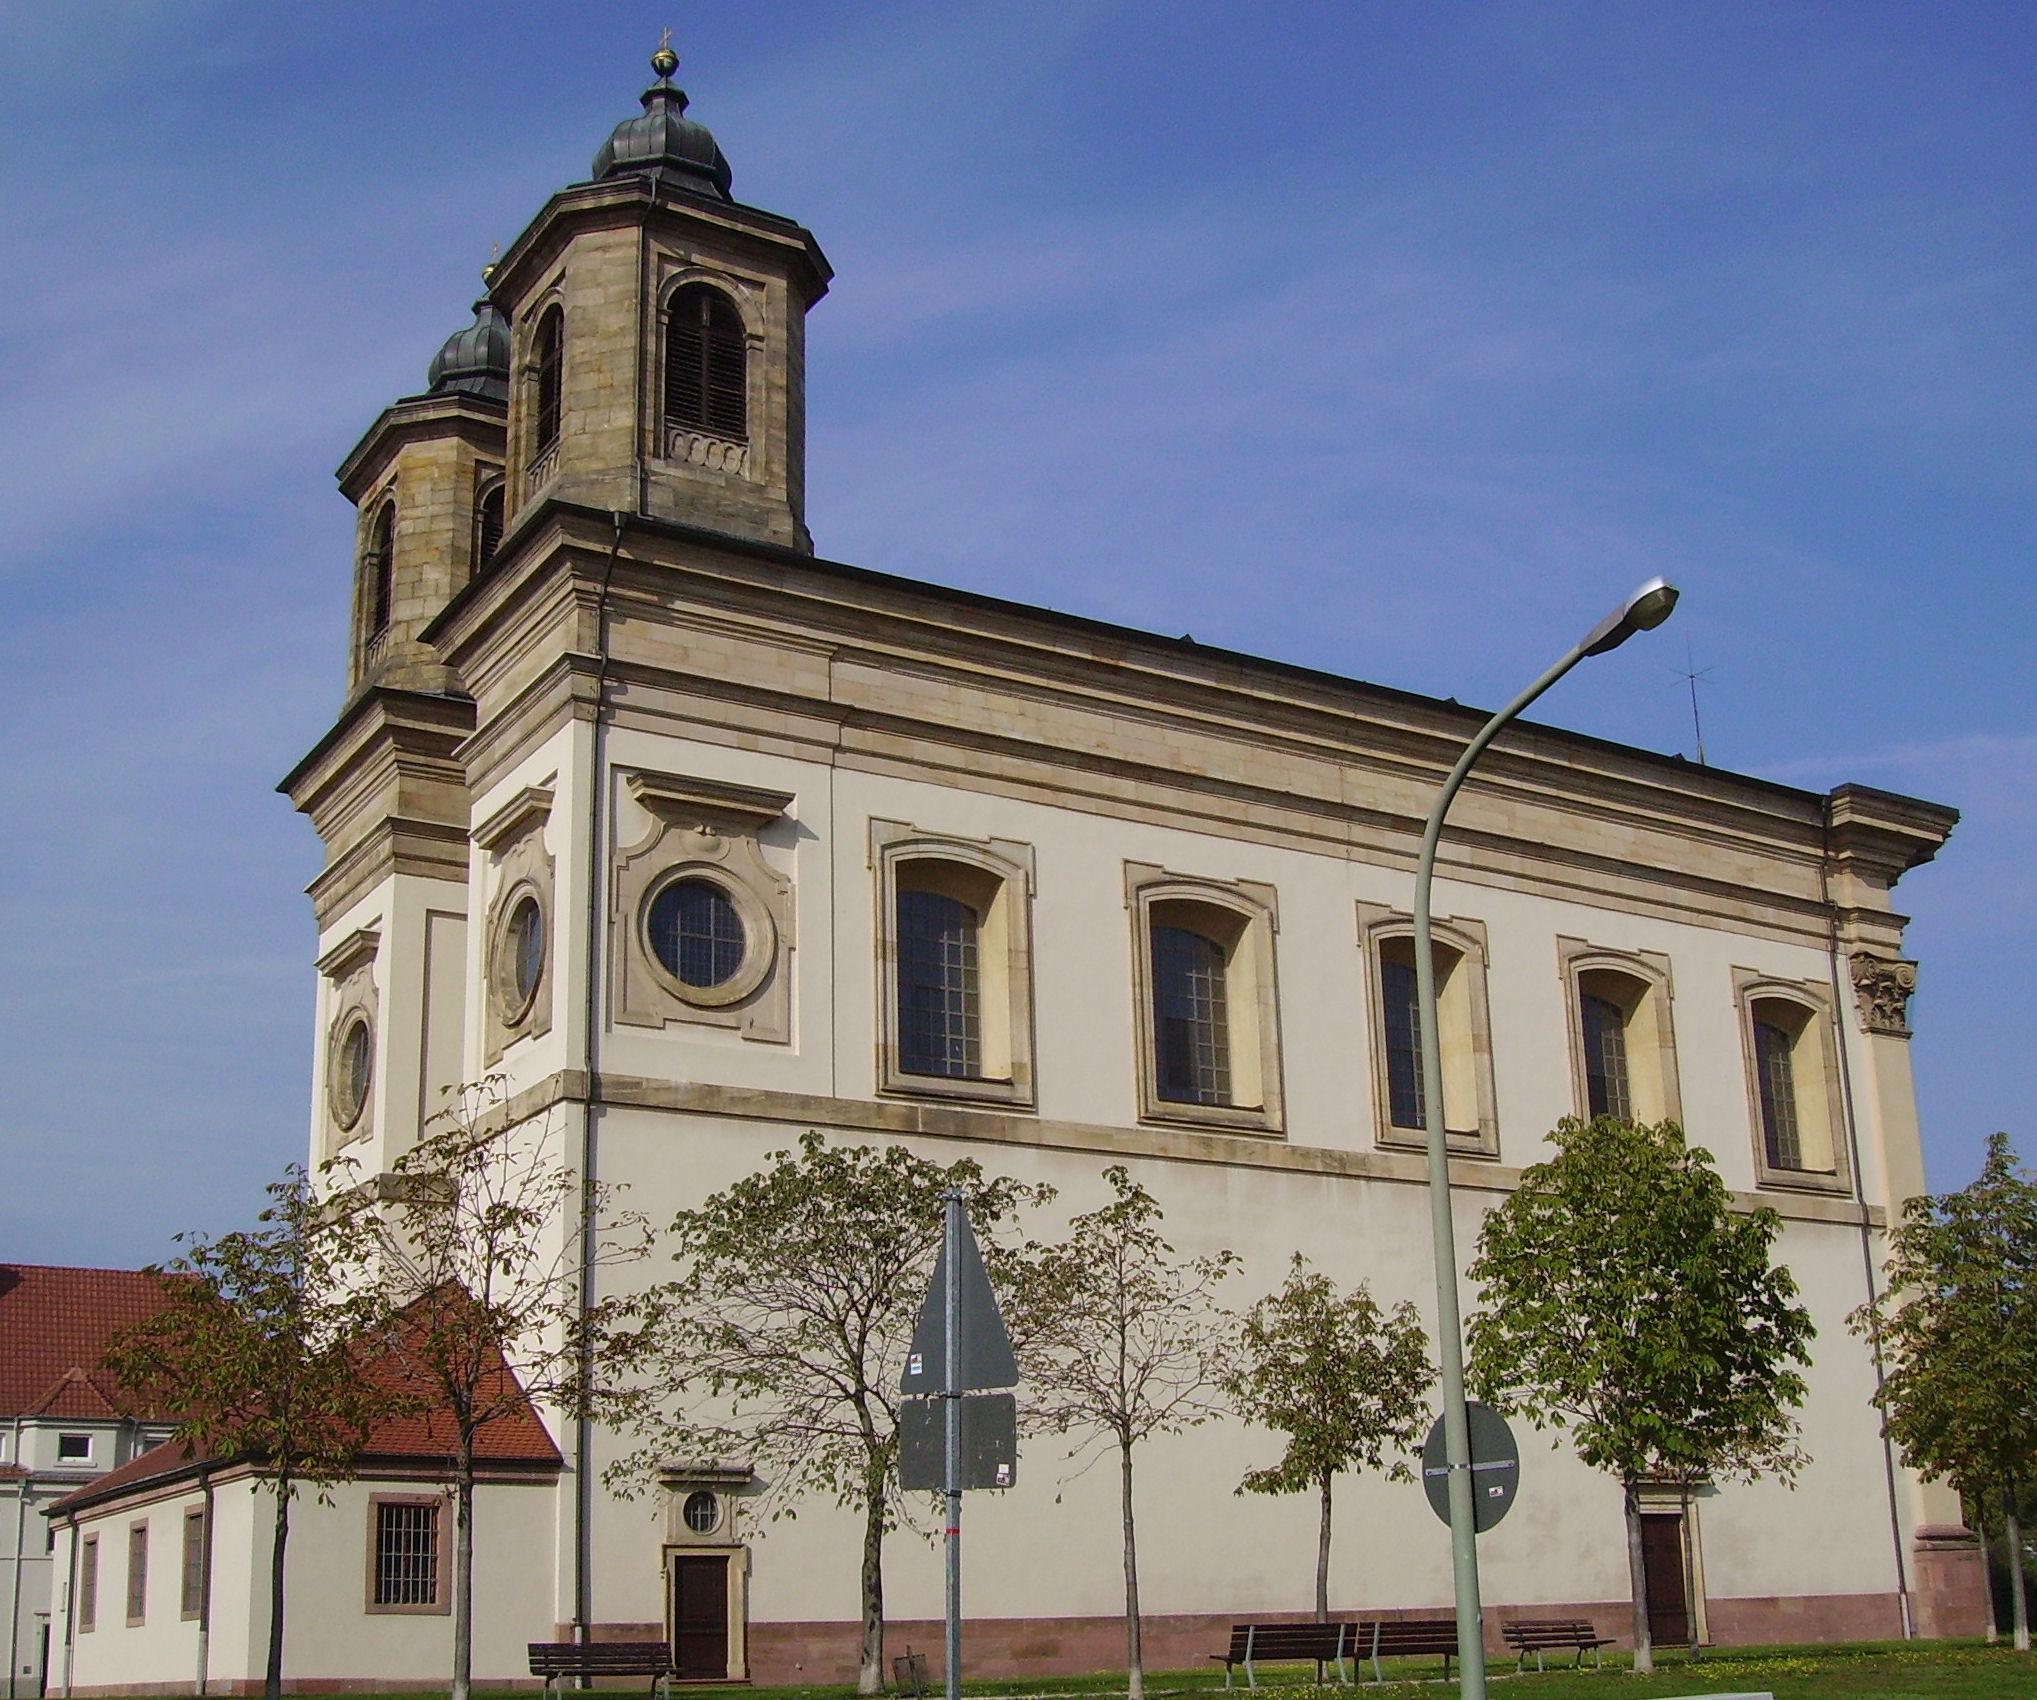 Wallfahrtskirche Mariä Himmelfahrt (Ludwigshafen)